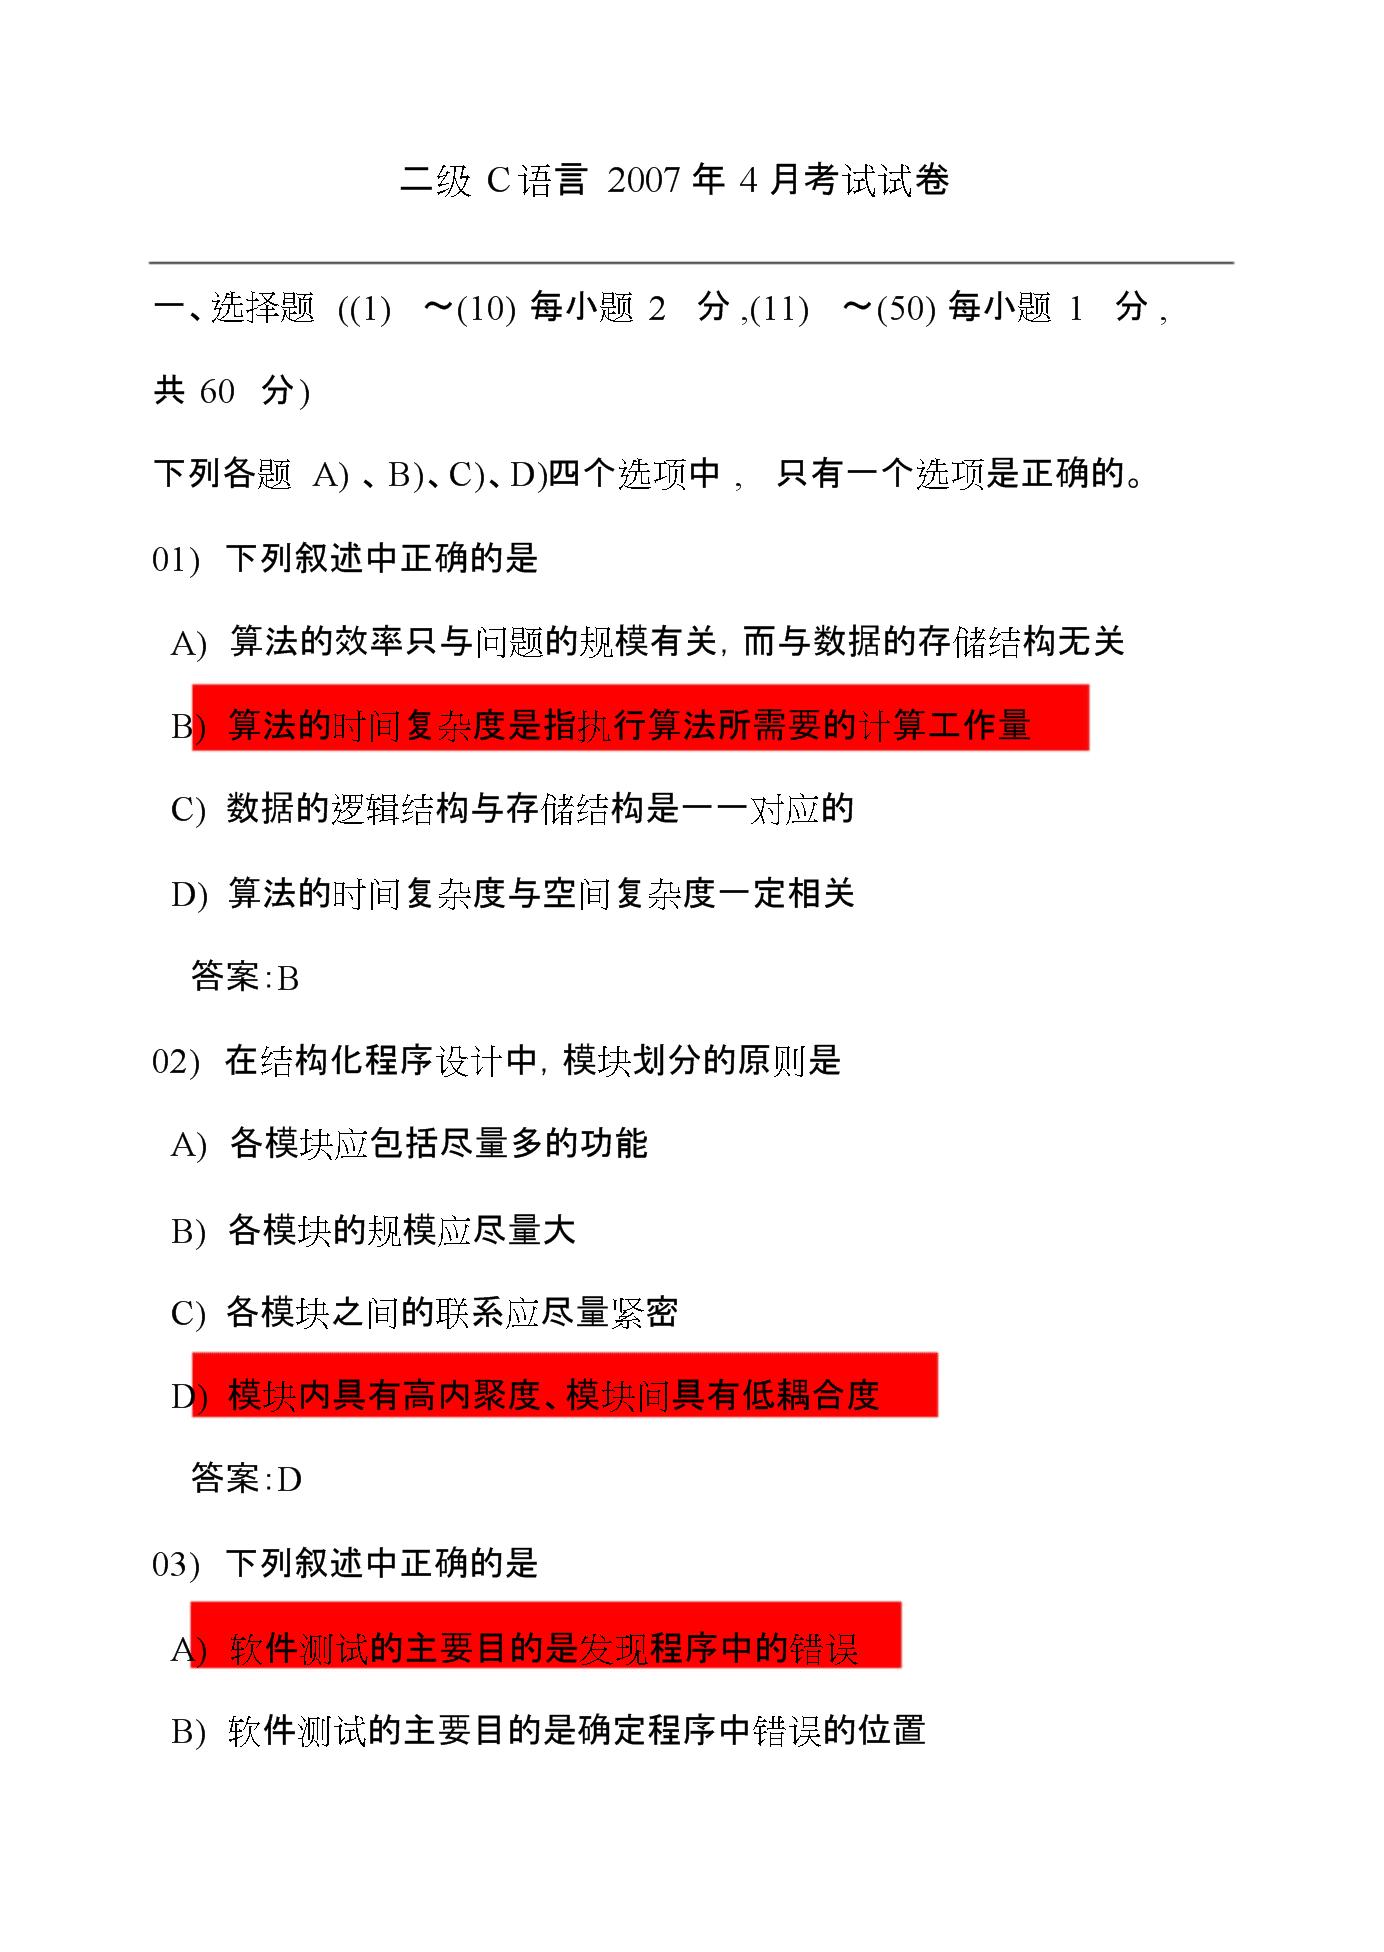 200704计算机二级C笔试试题(含答案).docx